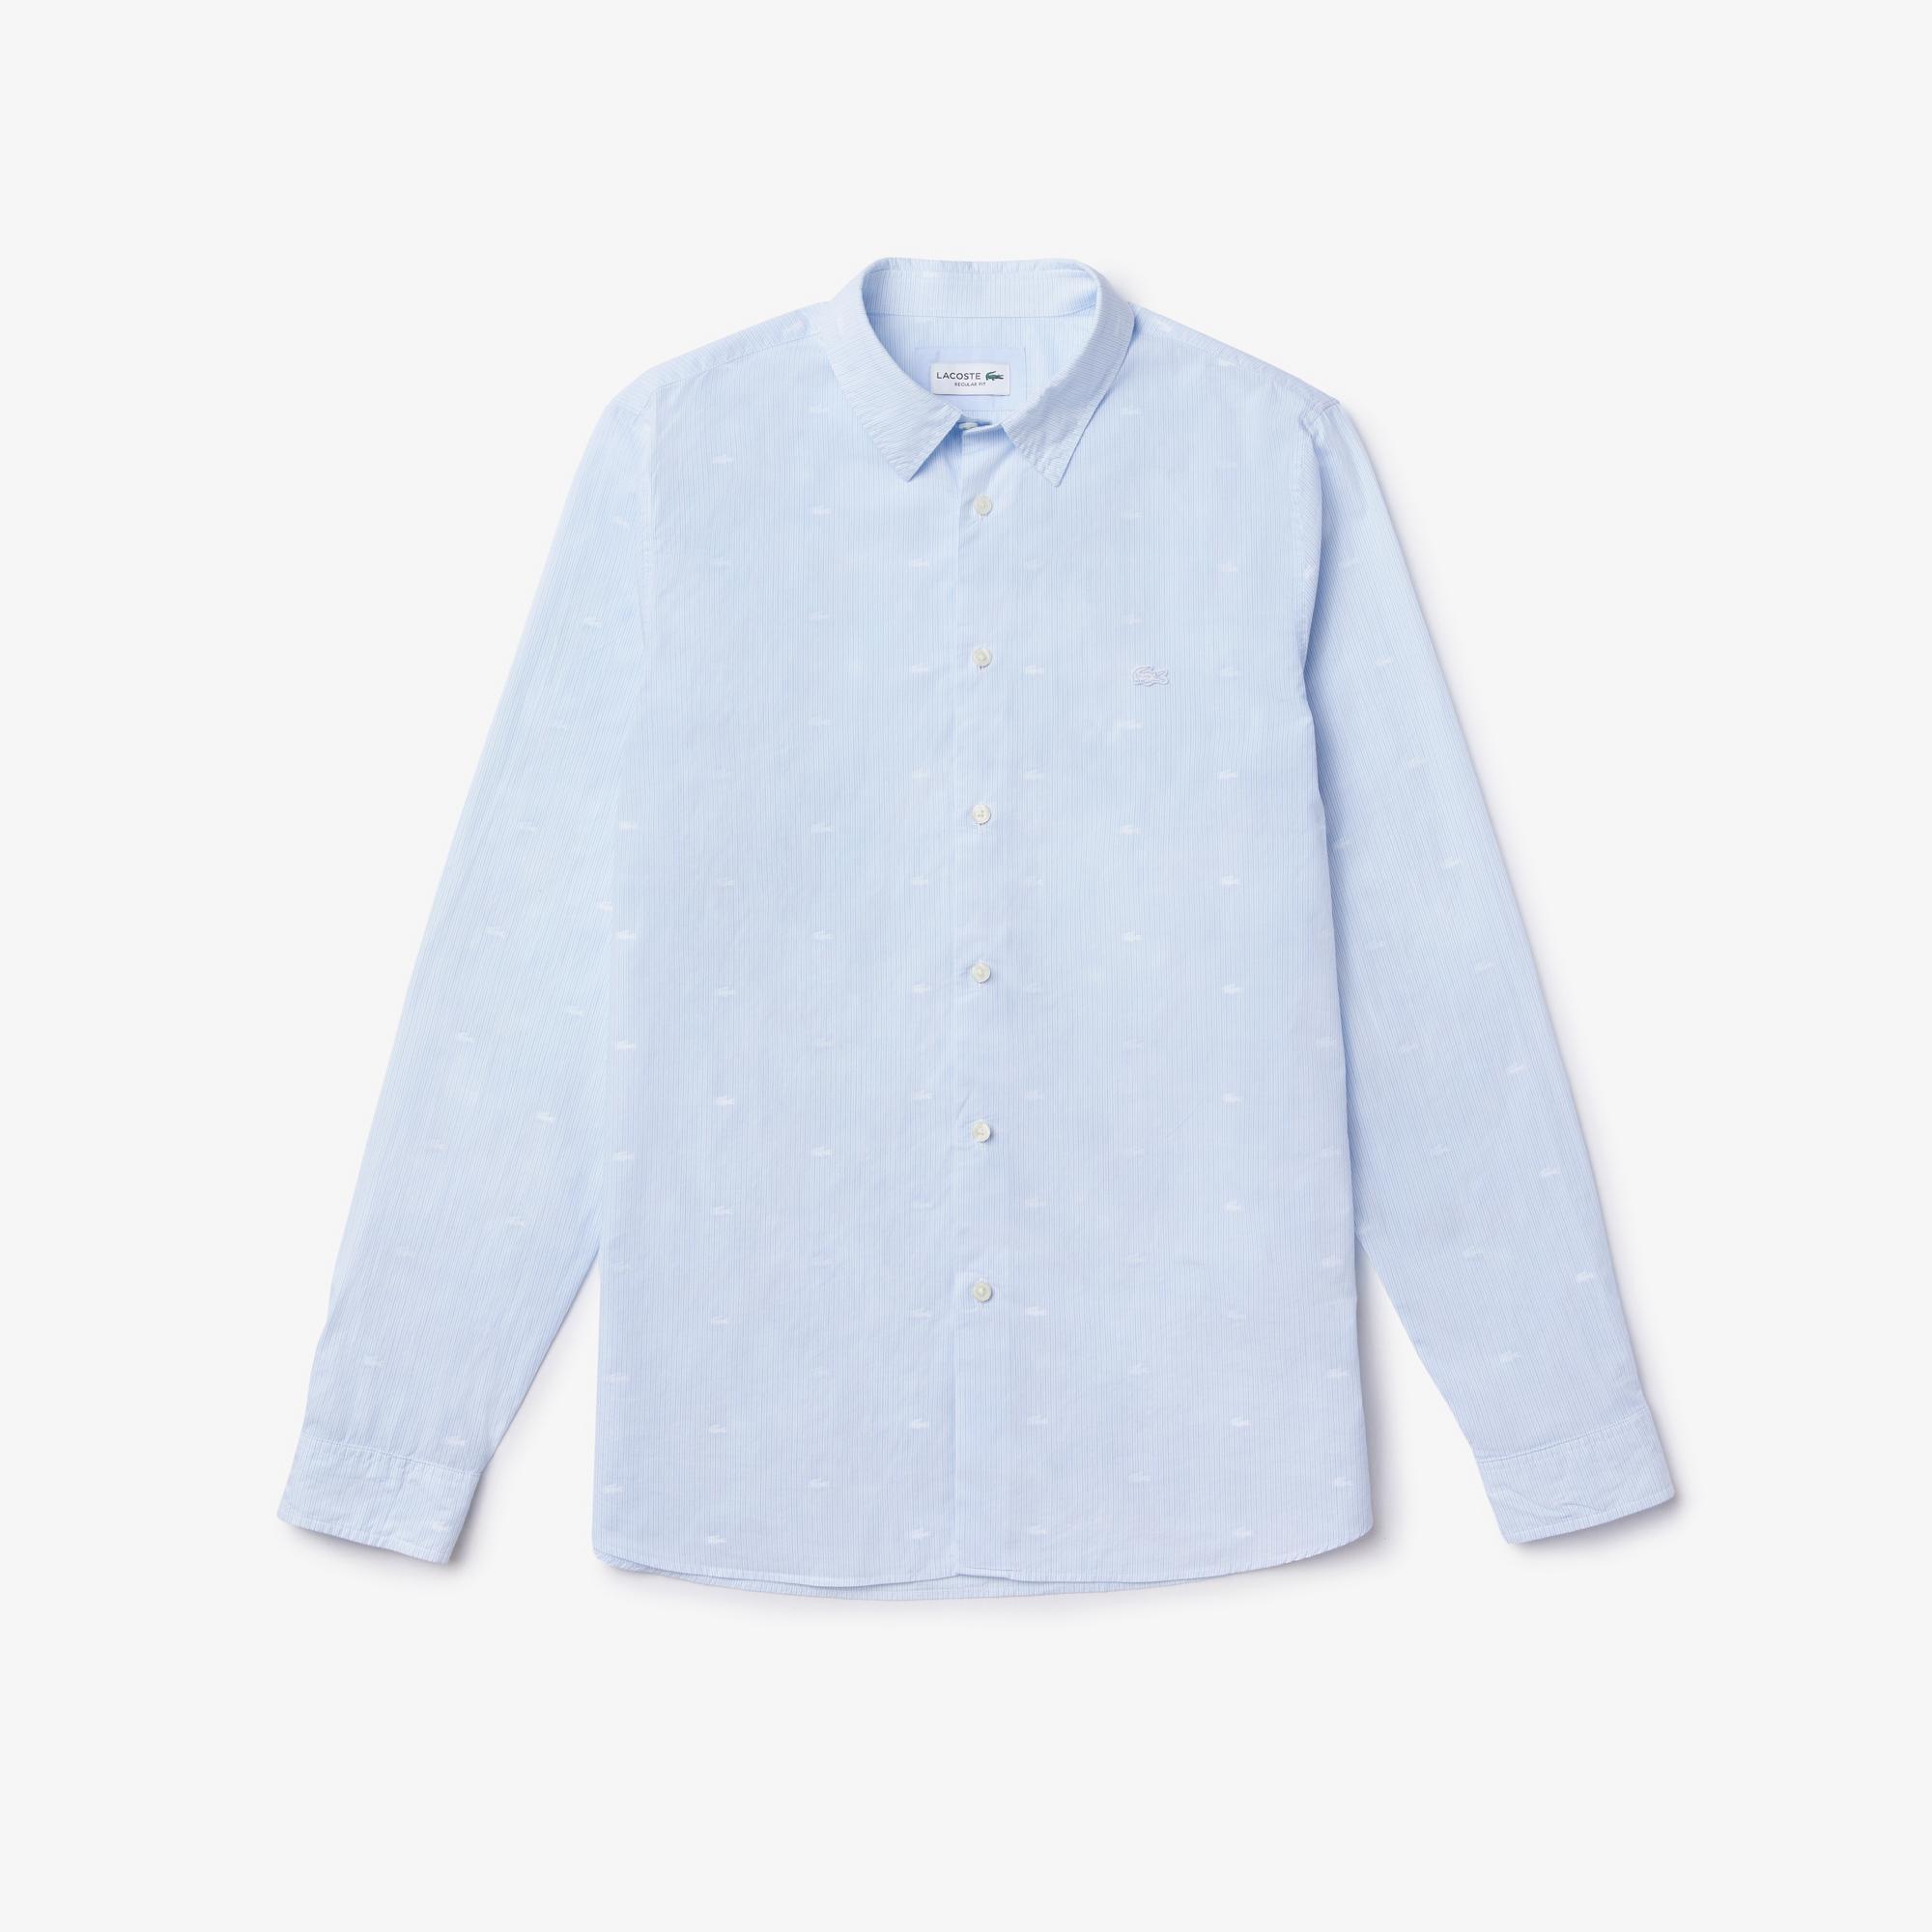 Lacoste Erkek Regular Fit Düğmeli Yaka Timsah Desenli Mavi Gömlek